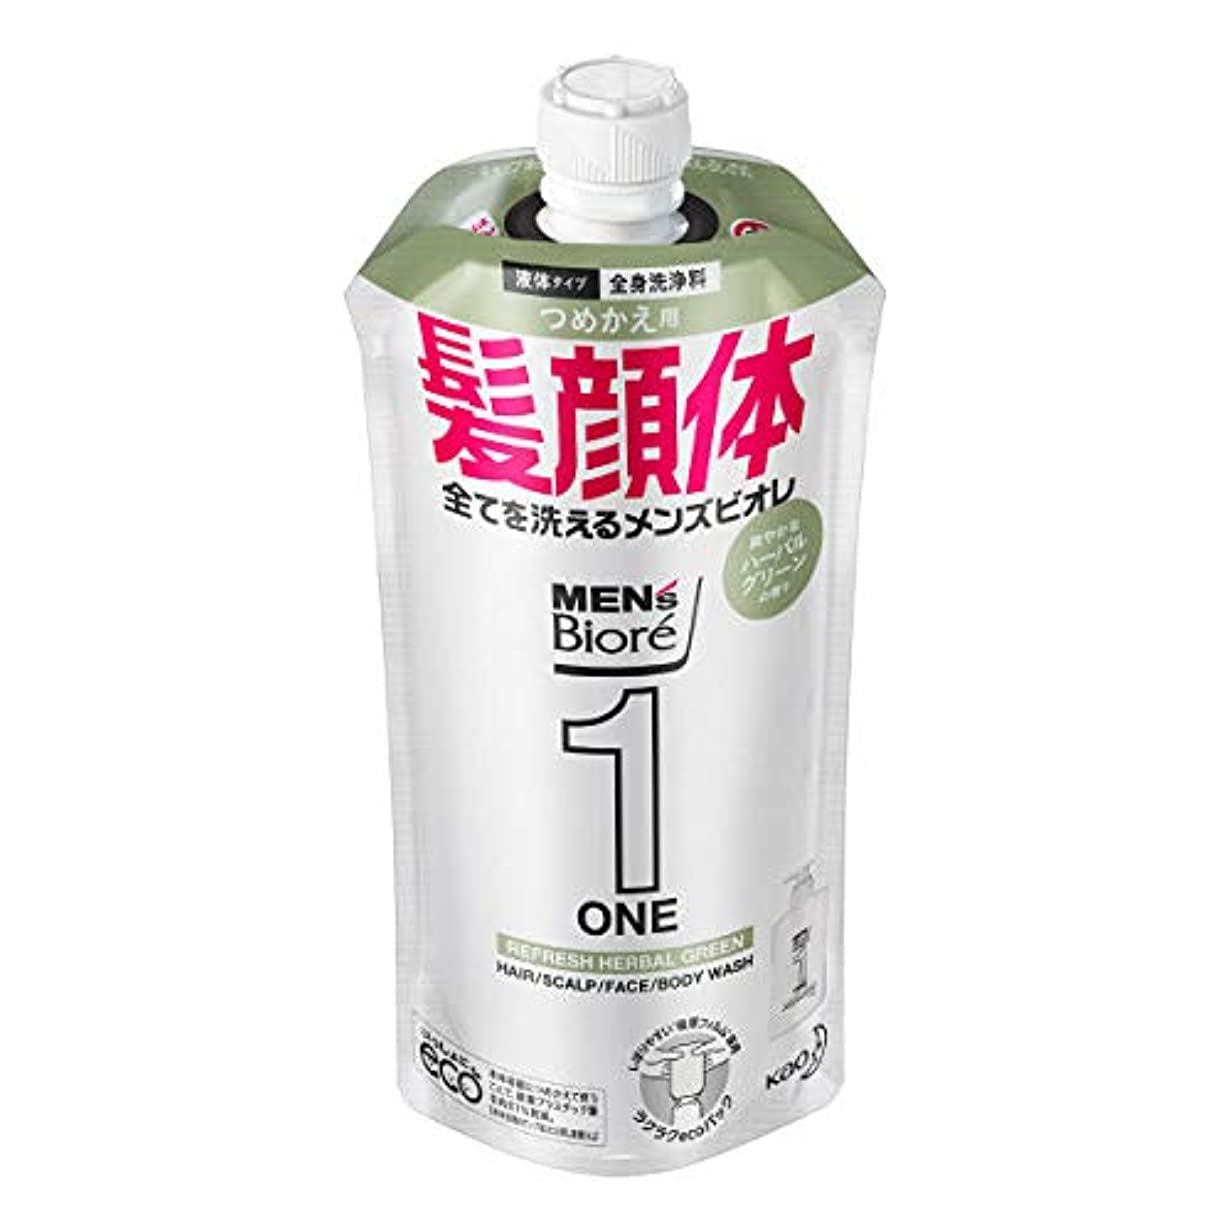 パースポータブル冗談でメンズビオレONE オールインワン全身洗浄料 爽やかなハーブルグリーンの香り つめかえ用 340mL